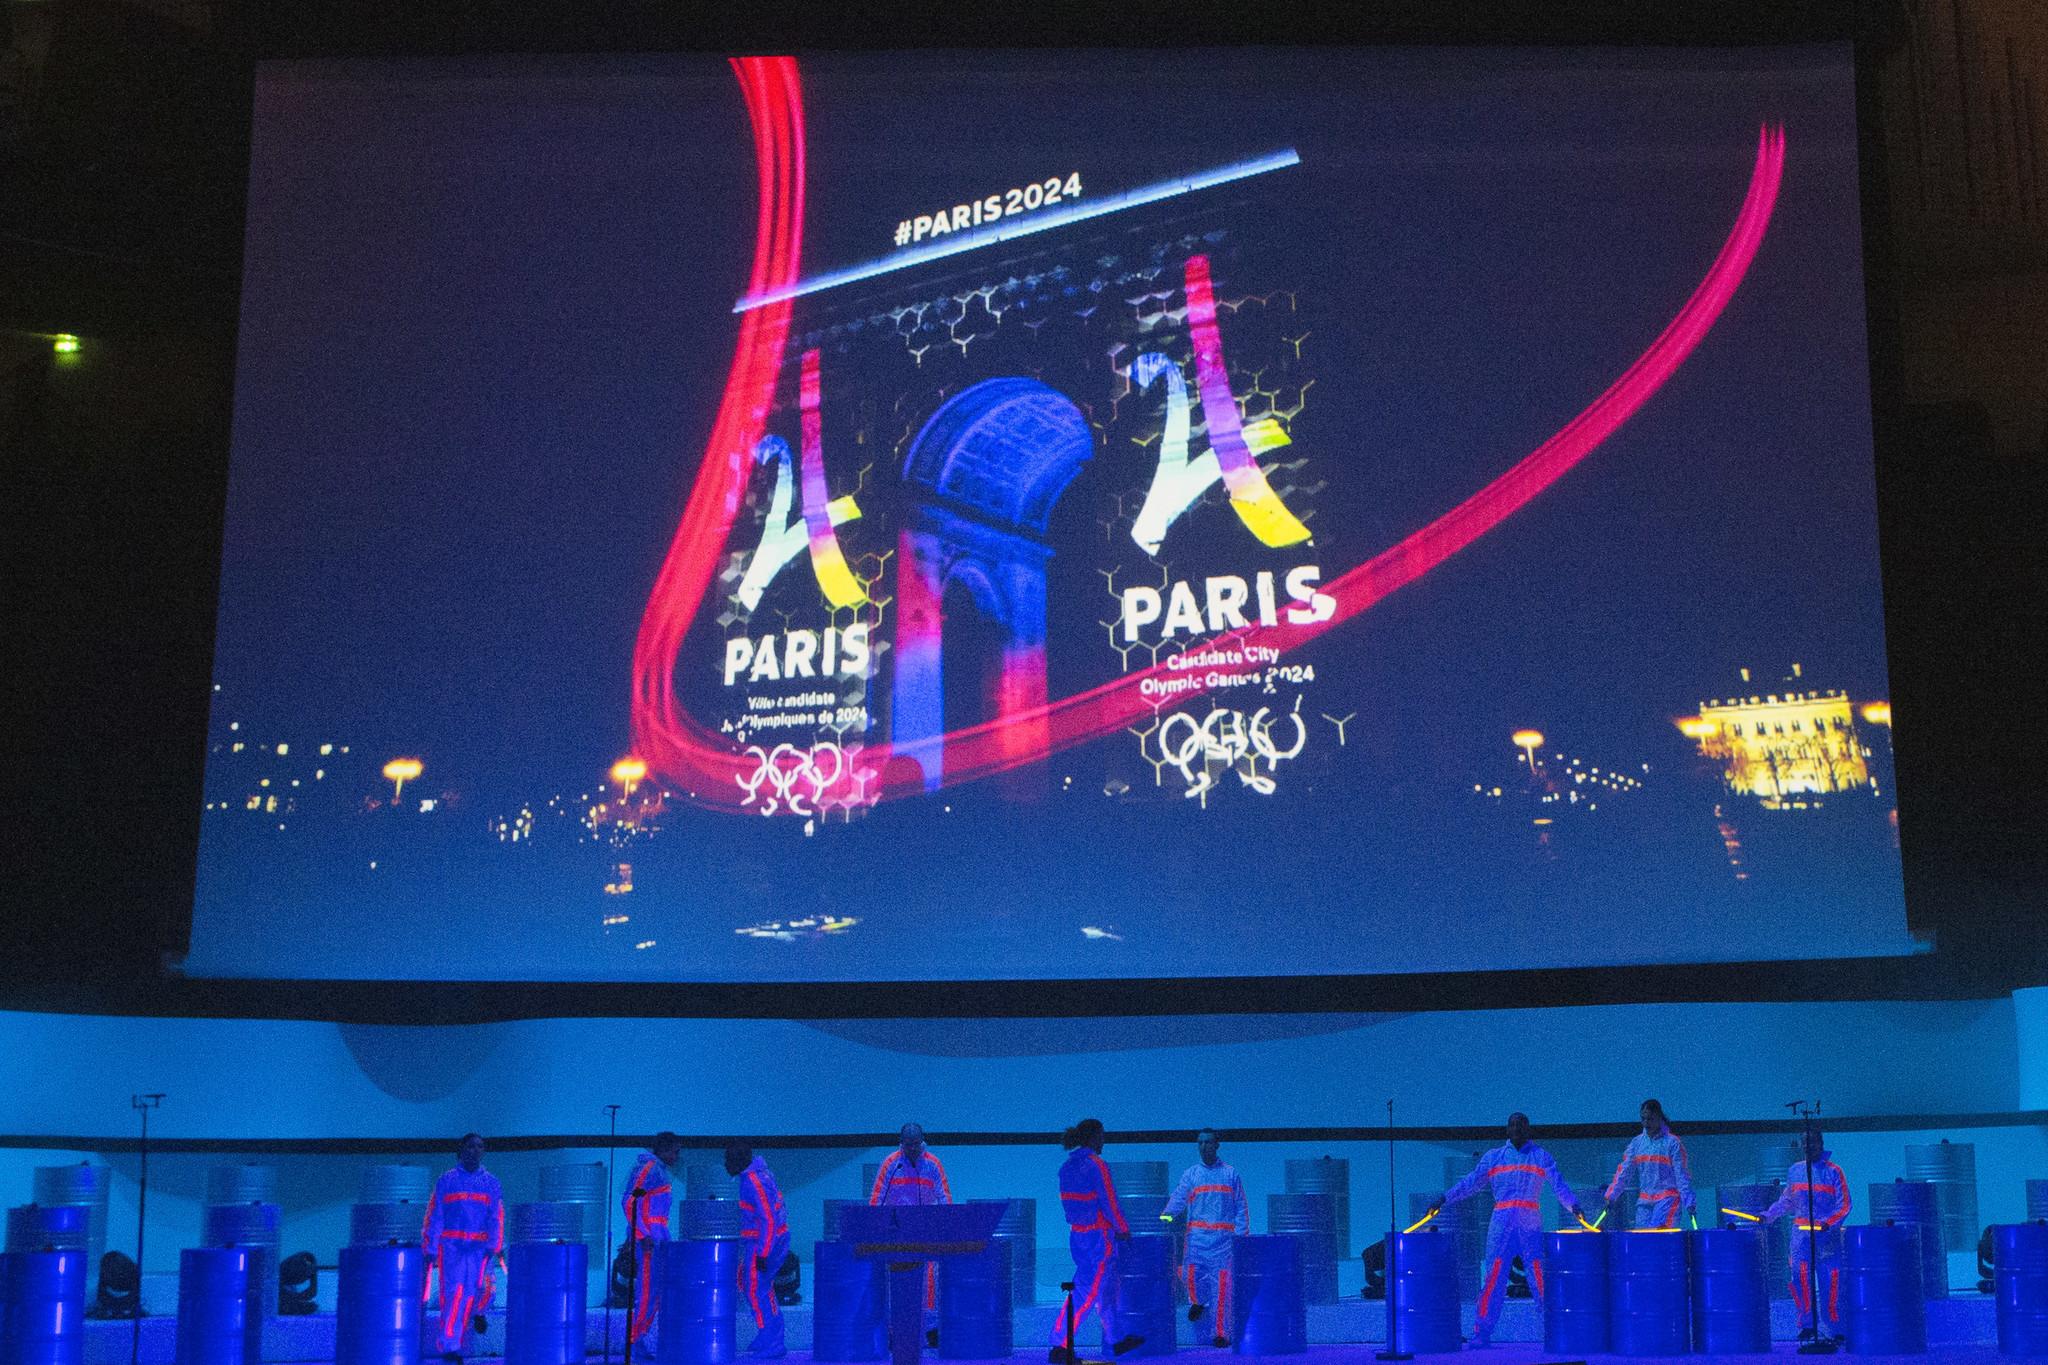 Paris 2024 Menos Gastos Y Mas Legados De Juegos Olimpicos Hoy Chicago